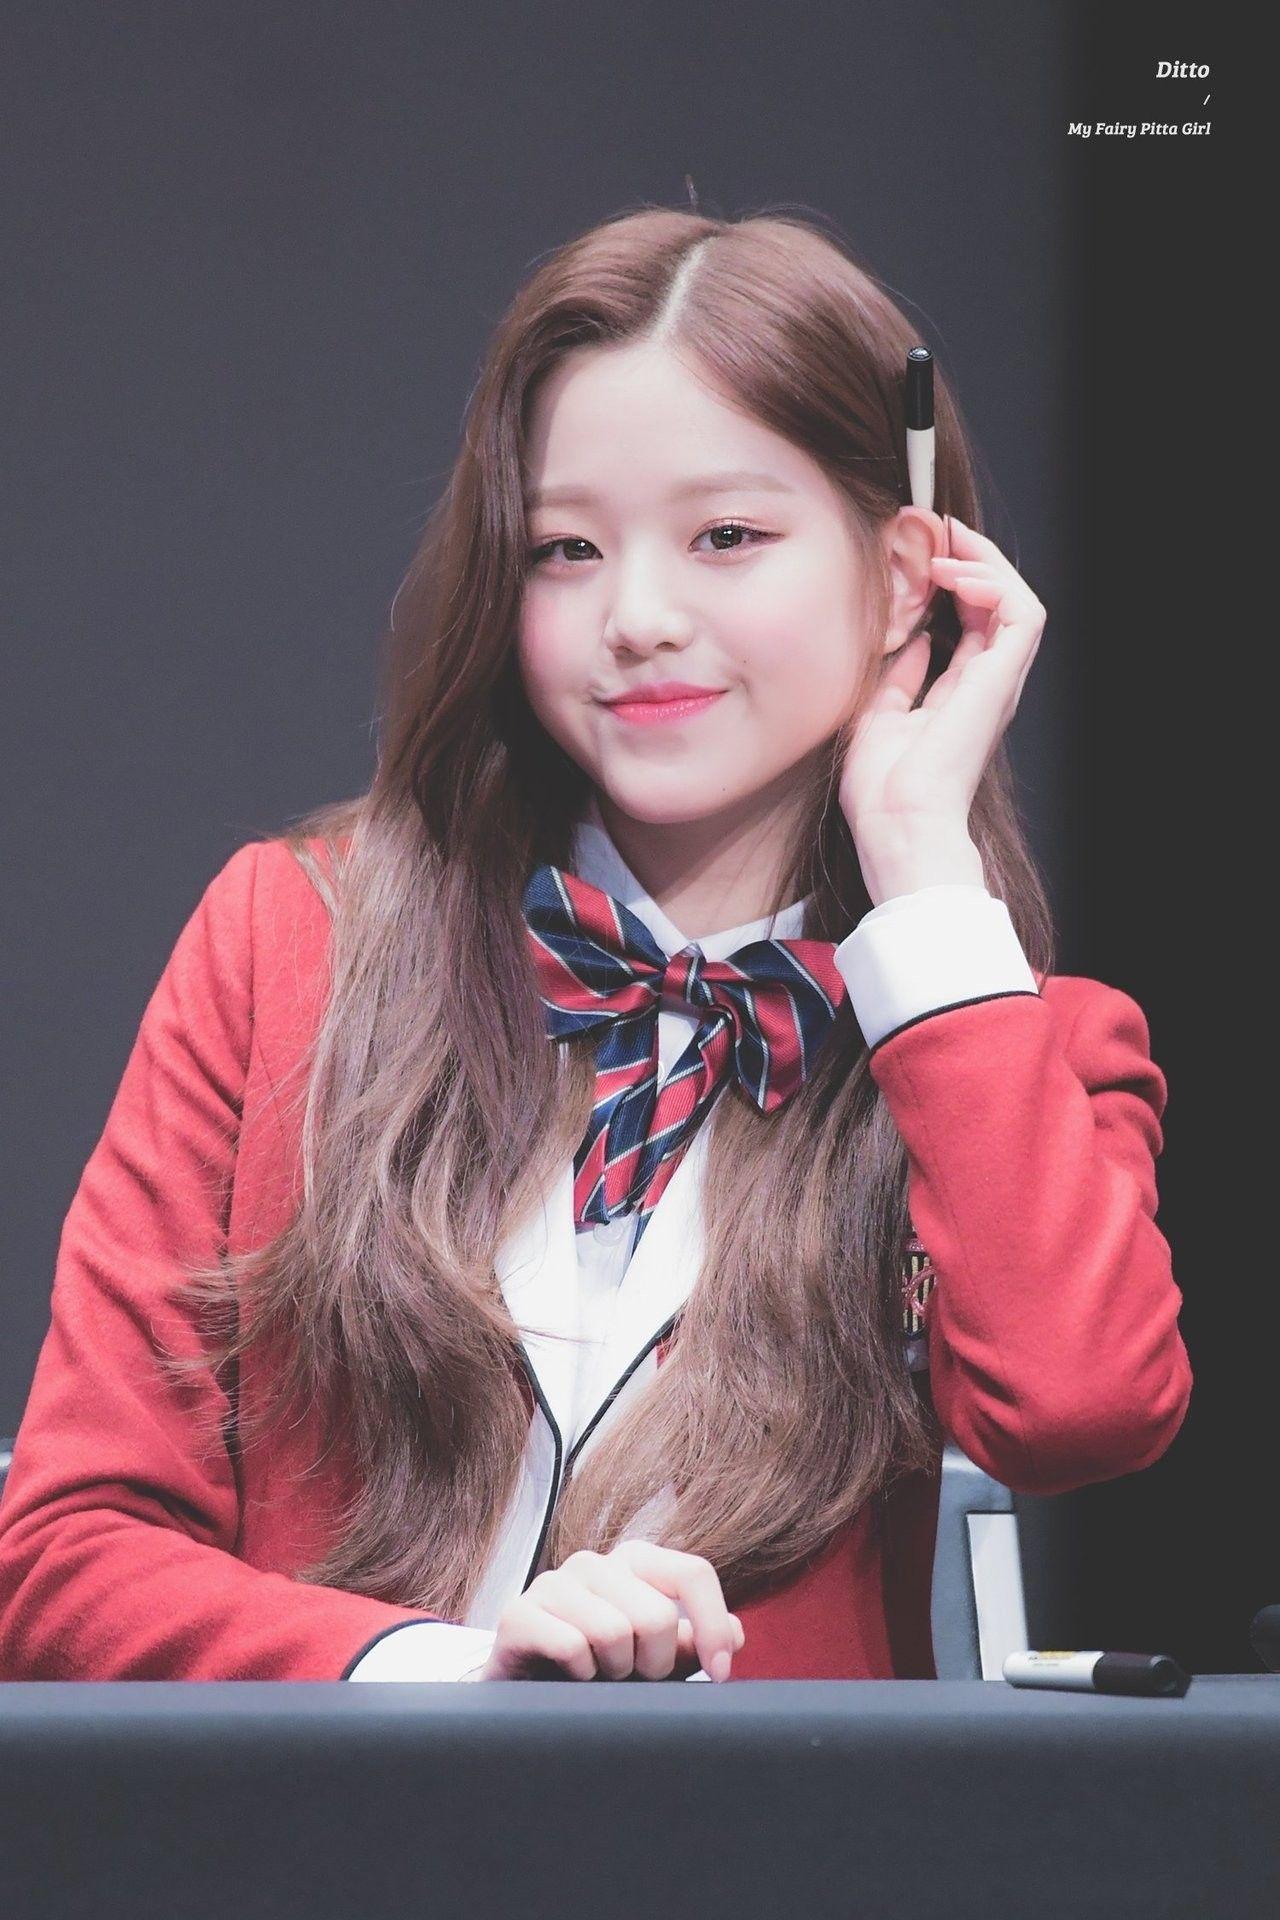 Wonyoung IZ*ONE (Dengan gambar) Anime gadis cantik